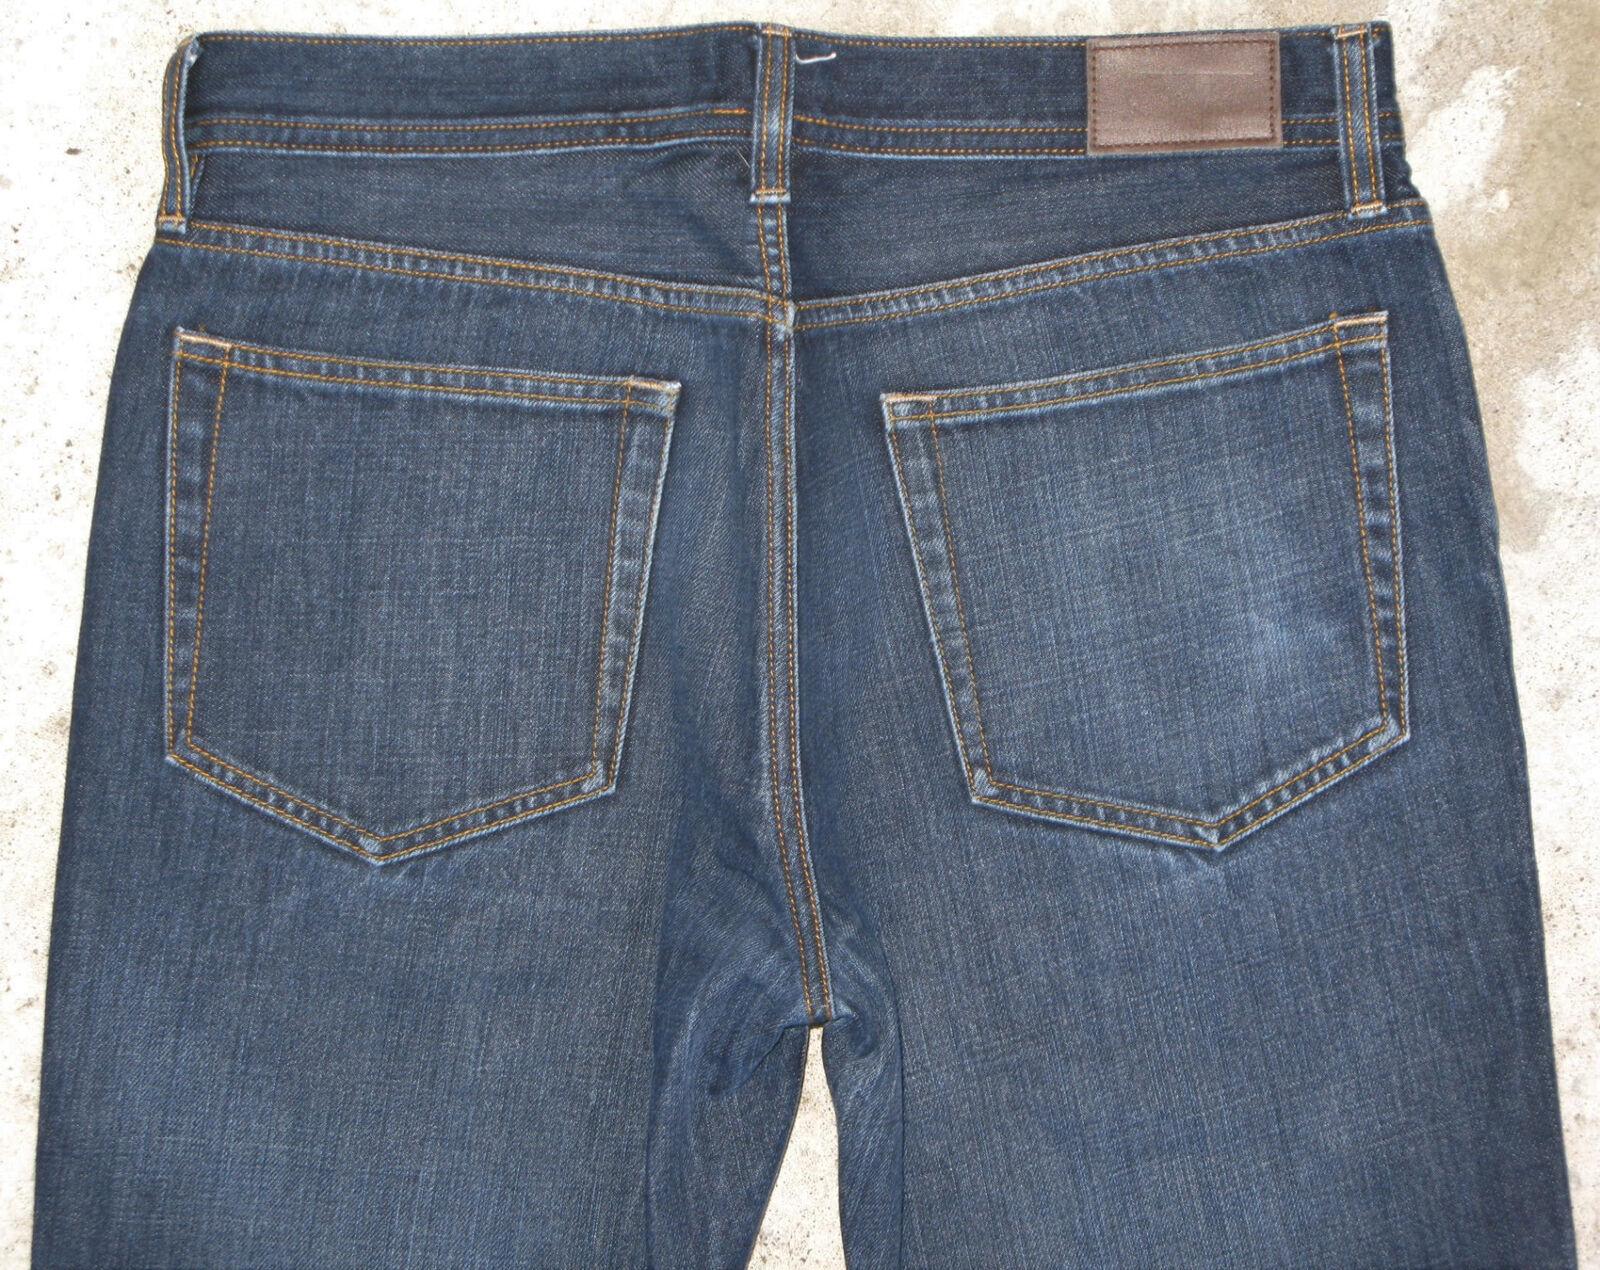 J.Mannschaft Herren Sutton Jeans Sz 30 X 29 Schlanke Gerades Bein 100%Cotton    Sehen Sie die Welt aus der Perspektive des Kindes